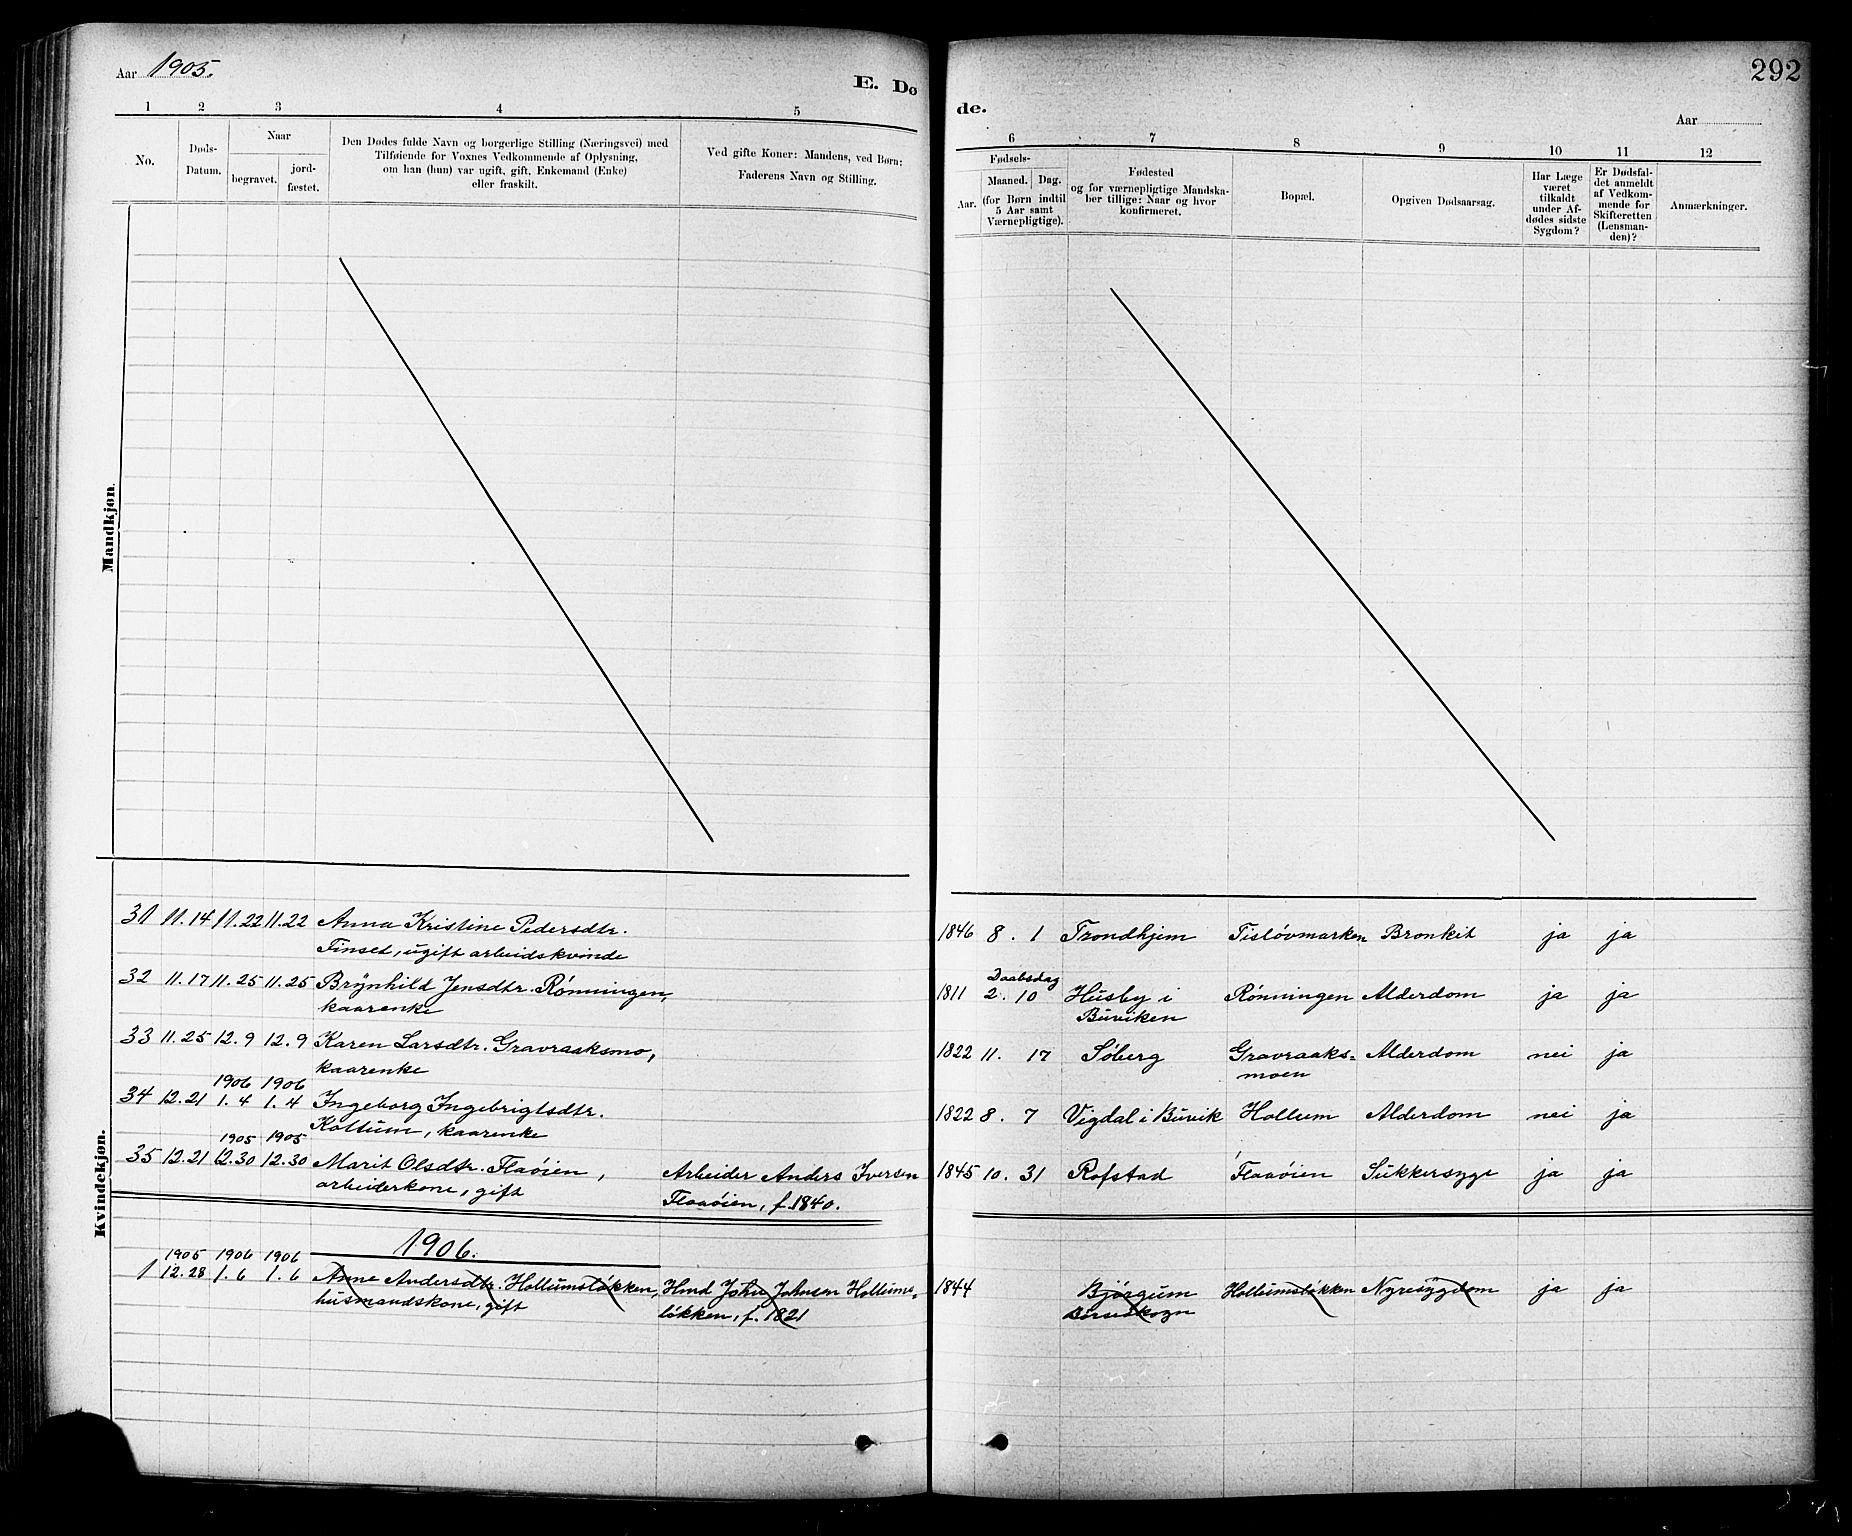 SAT, Ministerialprotokoller, klokkerbøker og fødselsregistre - Sør-Trøndelag, 691/L1094: Klokkerbok nr. 691C05, 1879-1911, s. 292